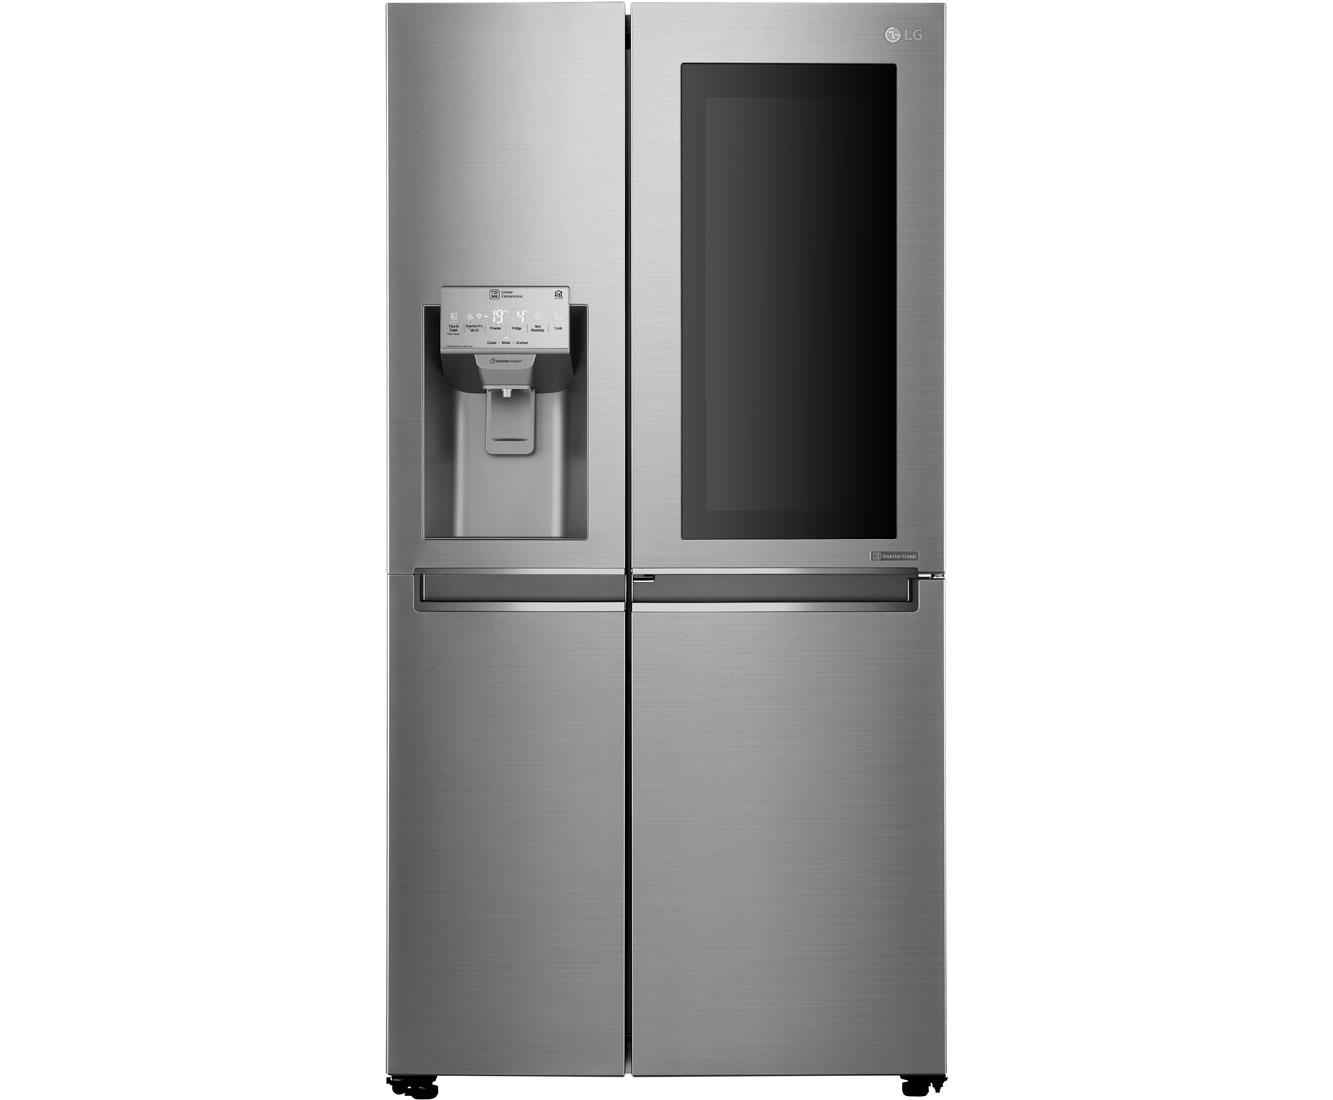 Bomann Kühlschrank Lüfter : Coolmatic kompressor kühlschrank preisvergleich u die besten